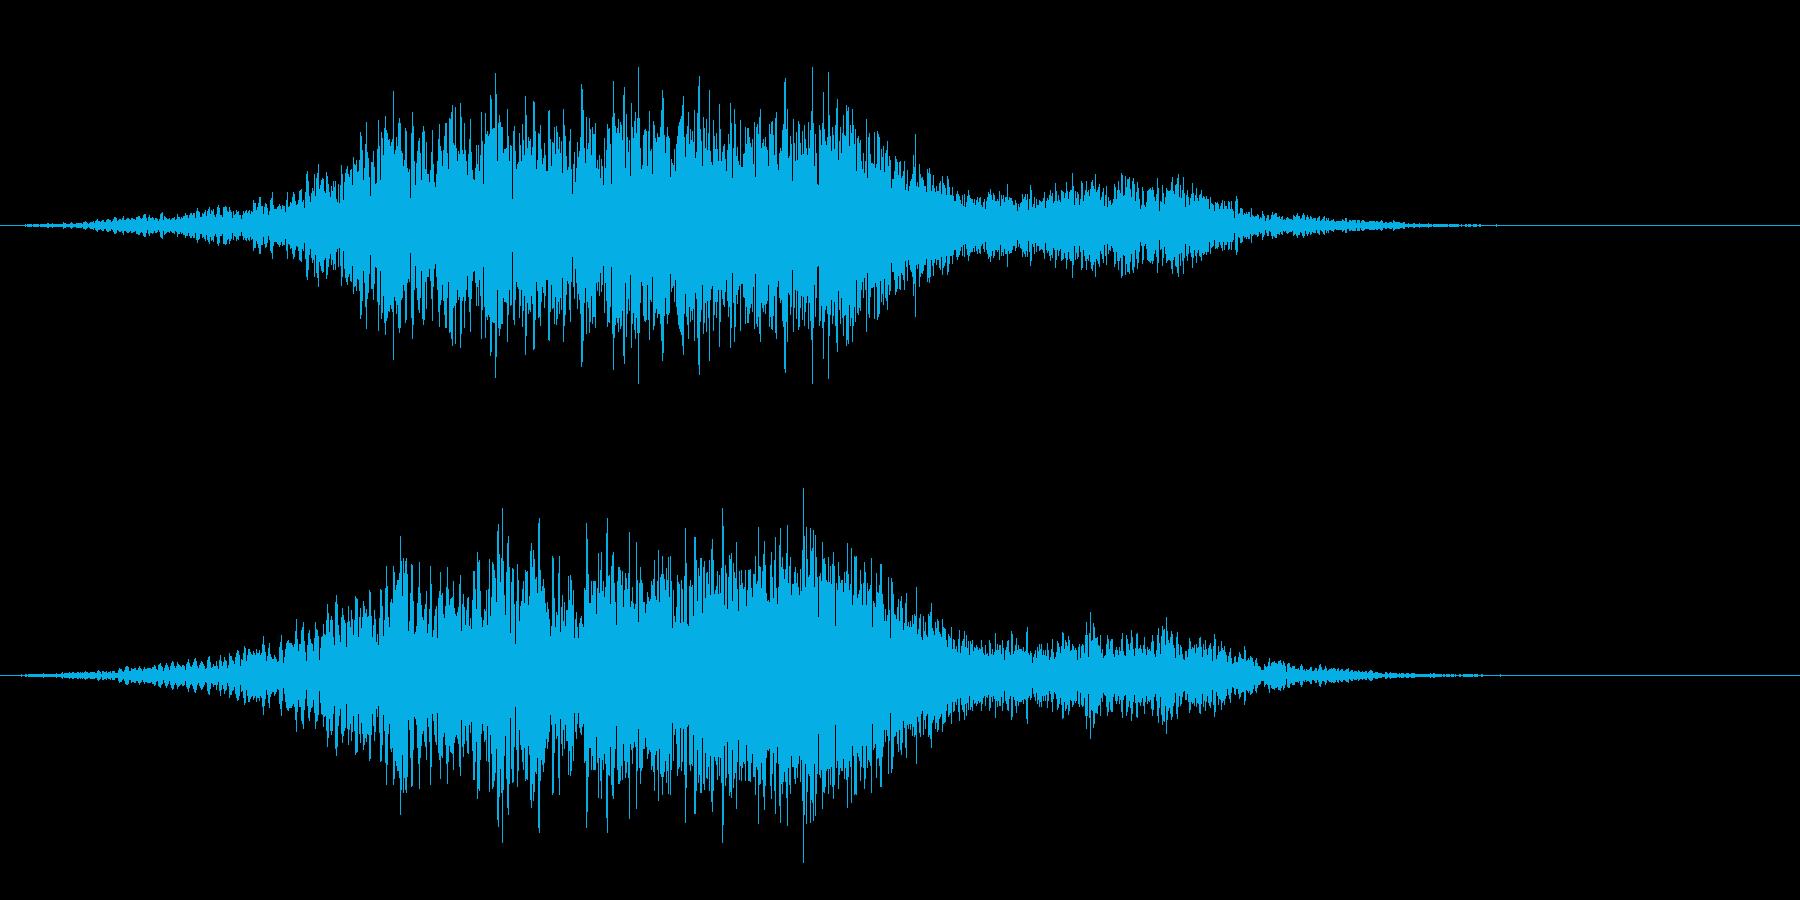 惑星 接近 金星 ハレー彗星 隕石の再生済みの波形